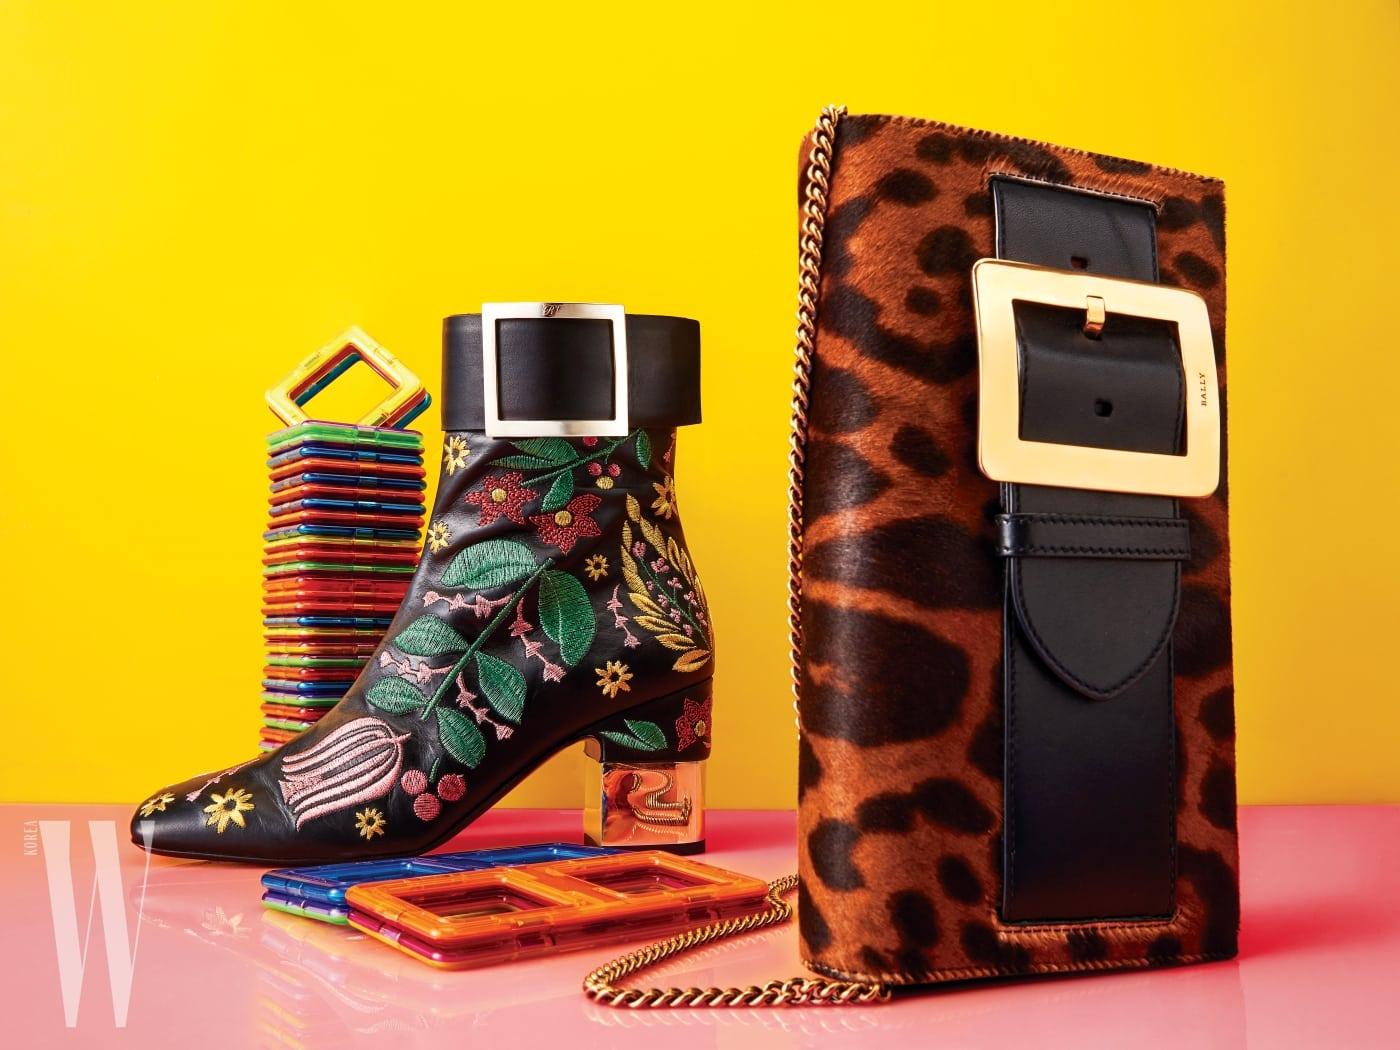 아카이브에서 영감을 받은 정사각형 버클로 포인트를 준 앵클부츠는 로저 비비에 제품. 가격 미정. 군더더기 없는 형태에 레오퍼드 패턴으로 섹시한 무드를 더한 클러치는 발리 제품. 가격 미정.